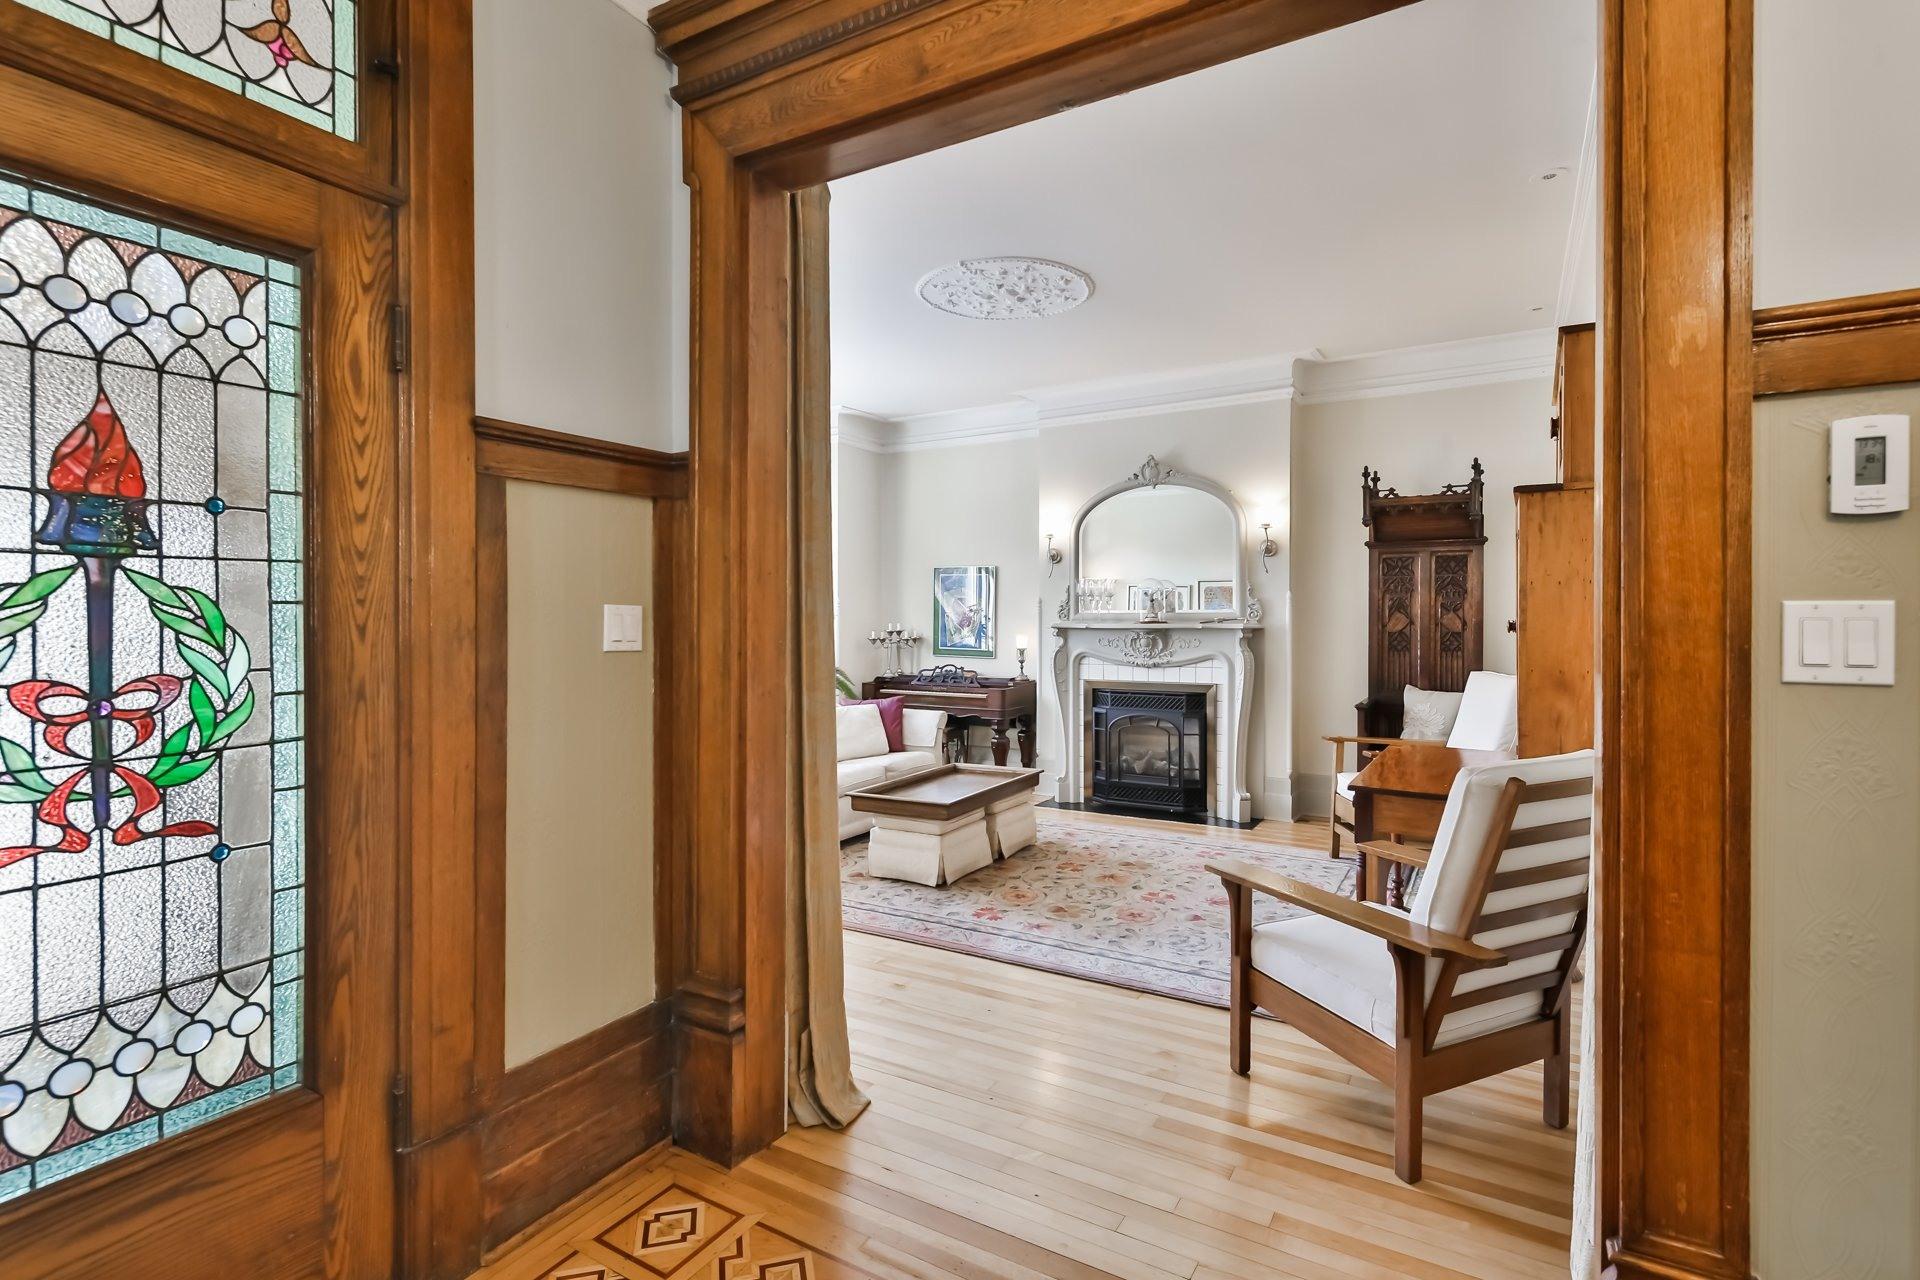 image 5 - Maison À vendre Westmount - 11 pièces